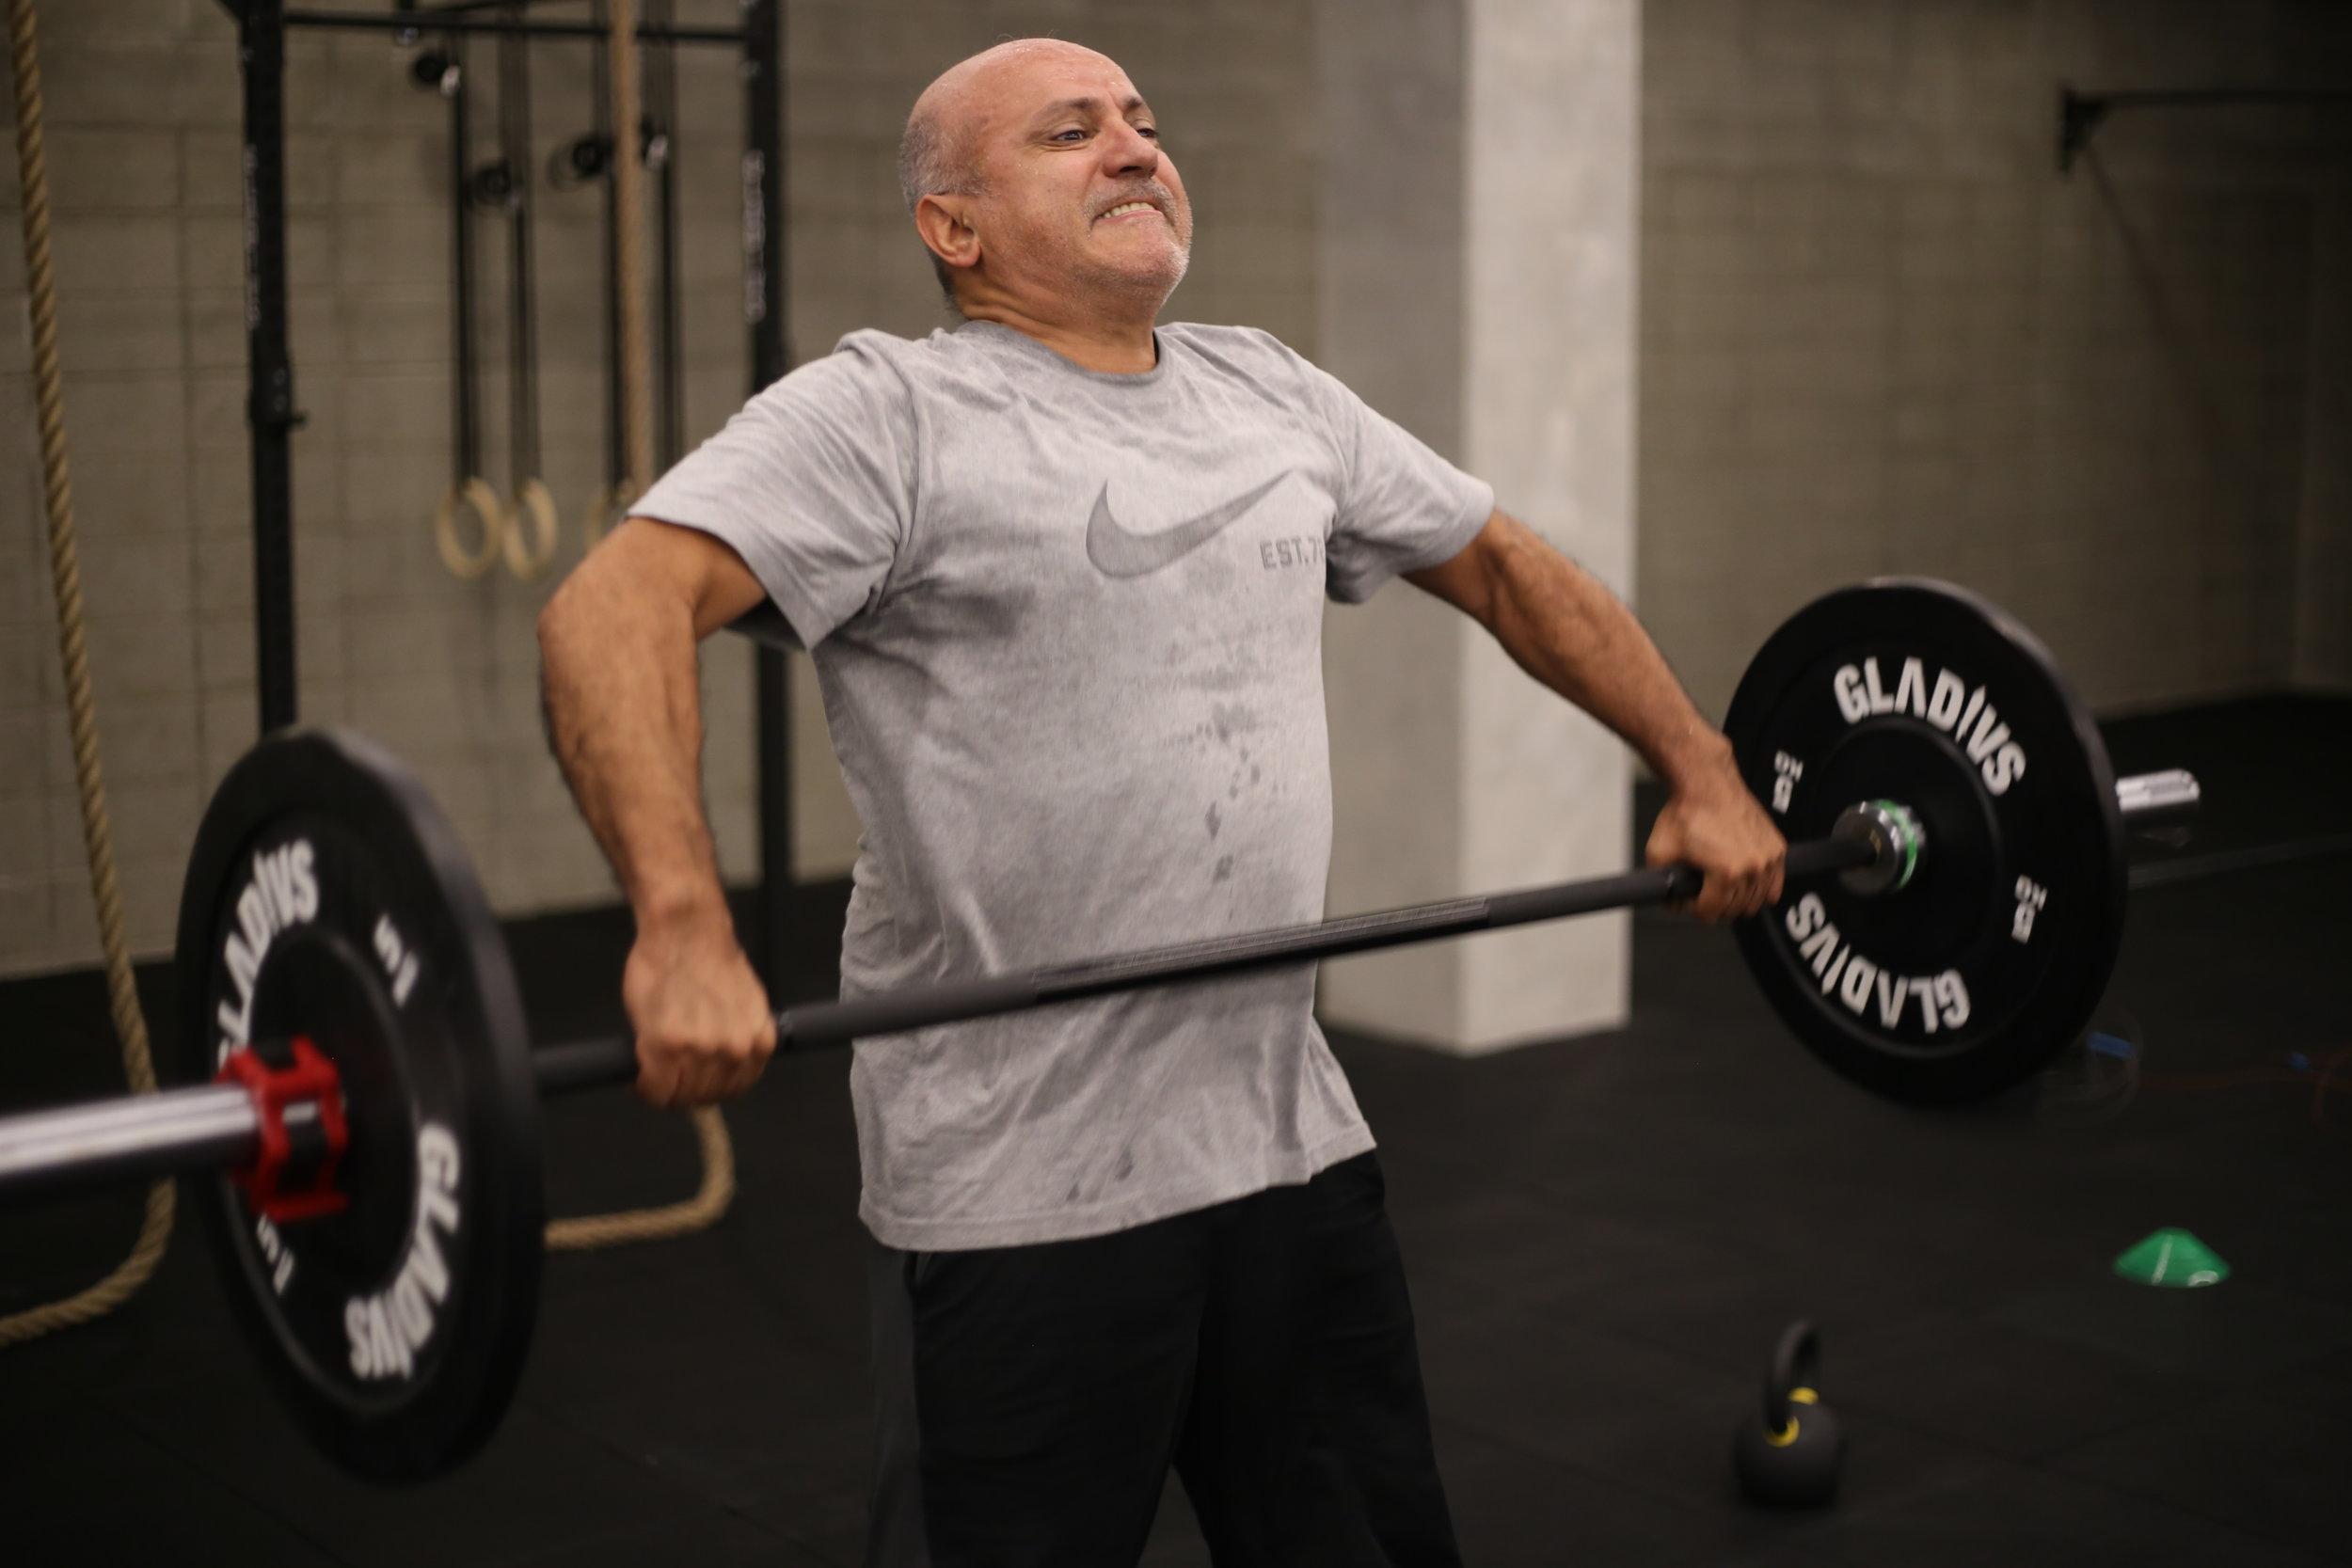 Independente de você ter o objetivo de se tornar um atleta de elite ou apenas buscar um melhor condicionamento ou corpo, nossa programação irá te atender.